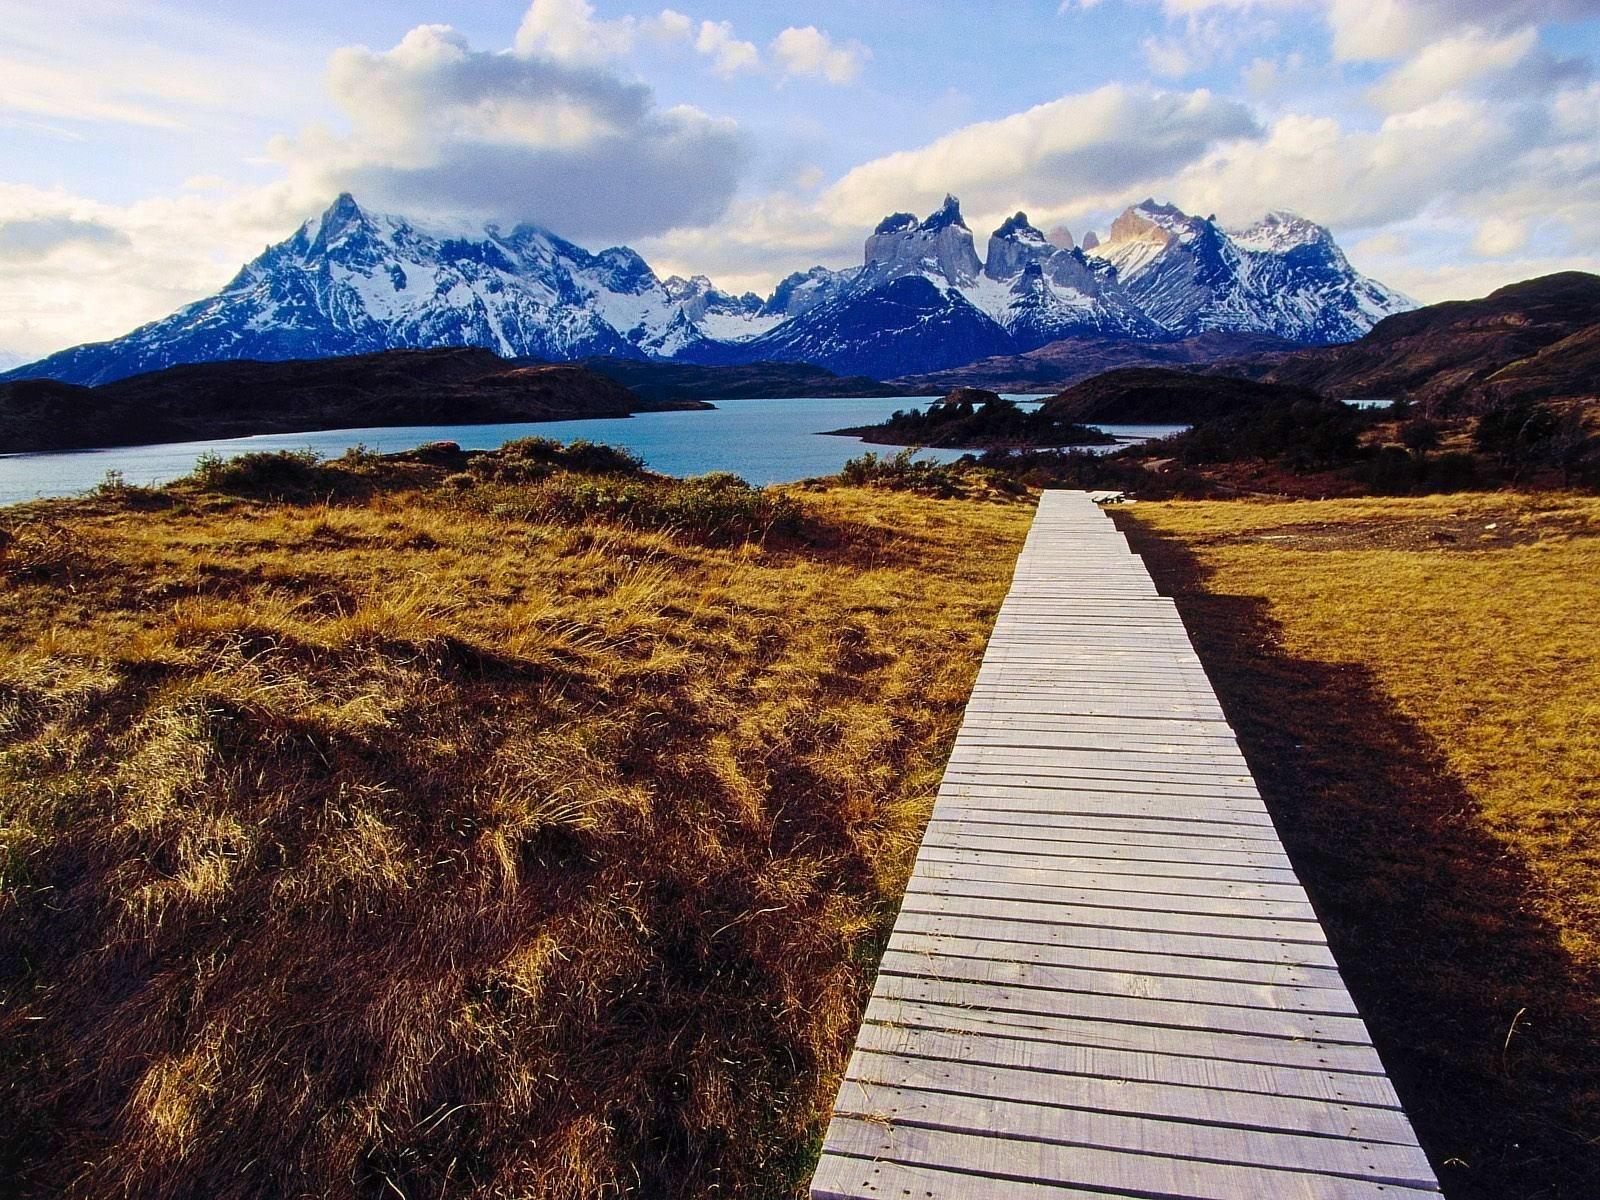 дорога лучи озеро горы загрузить